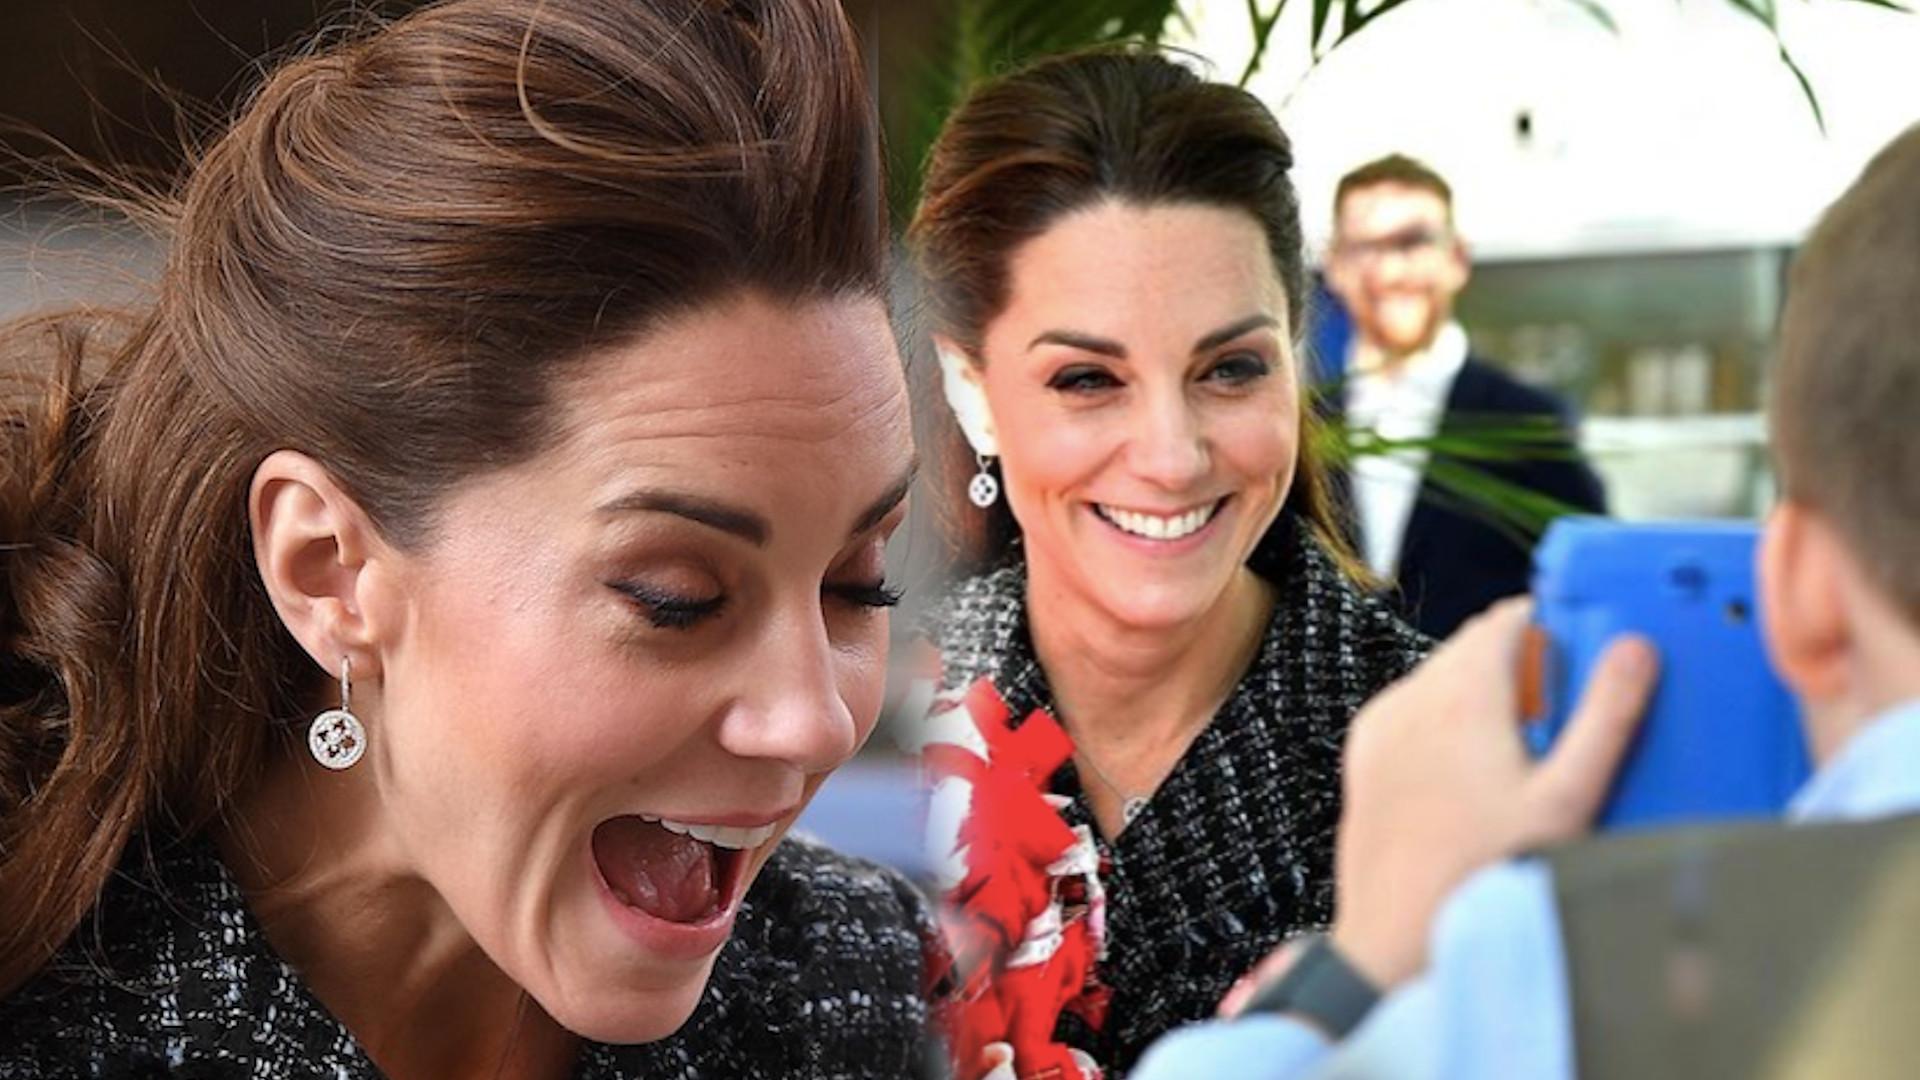 Kate Middleton WALCZY z wiatrem. Spódniczka ledwo trzyma się na księżnej (ZDJĘCIA)